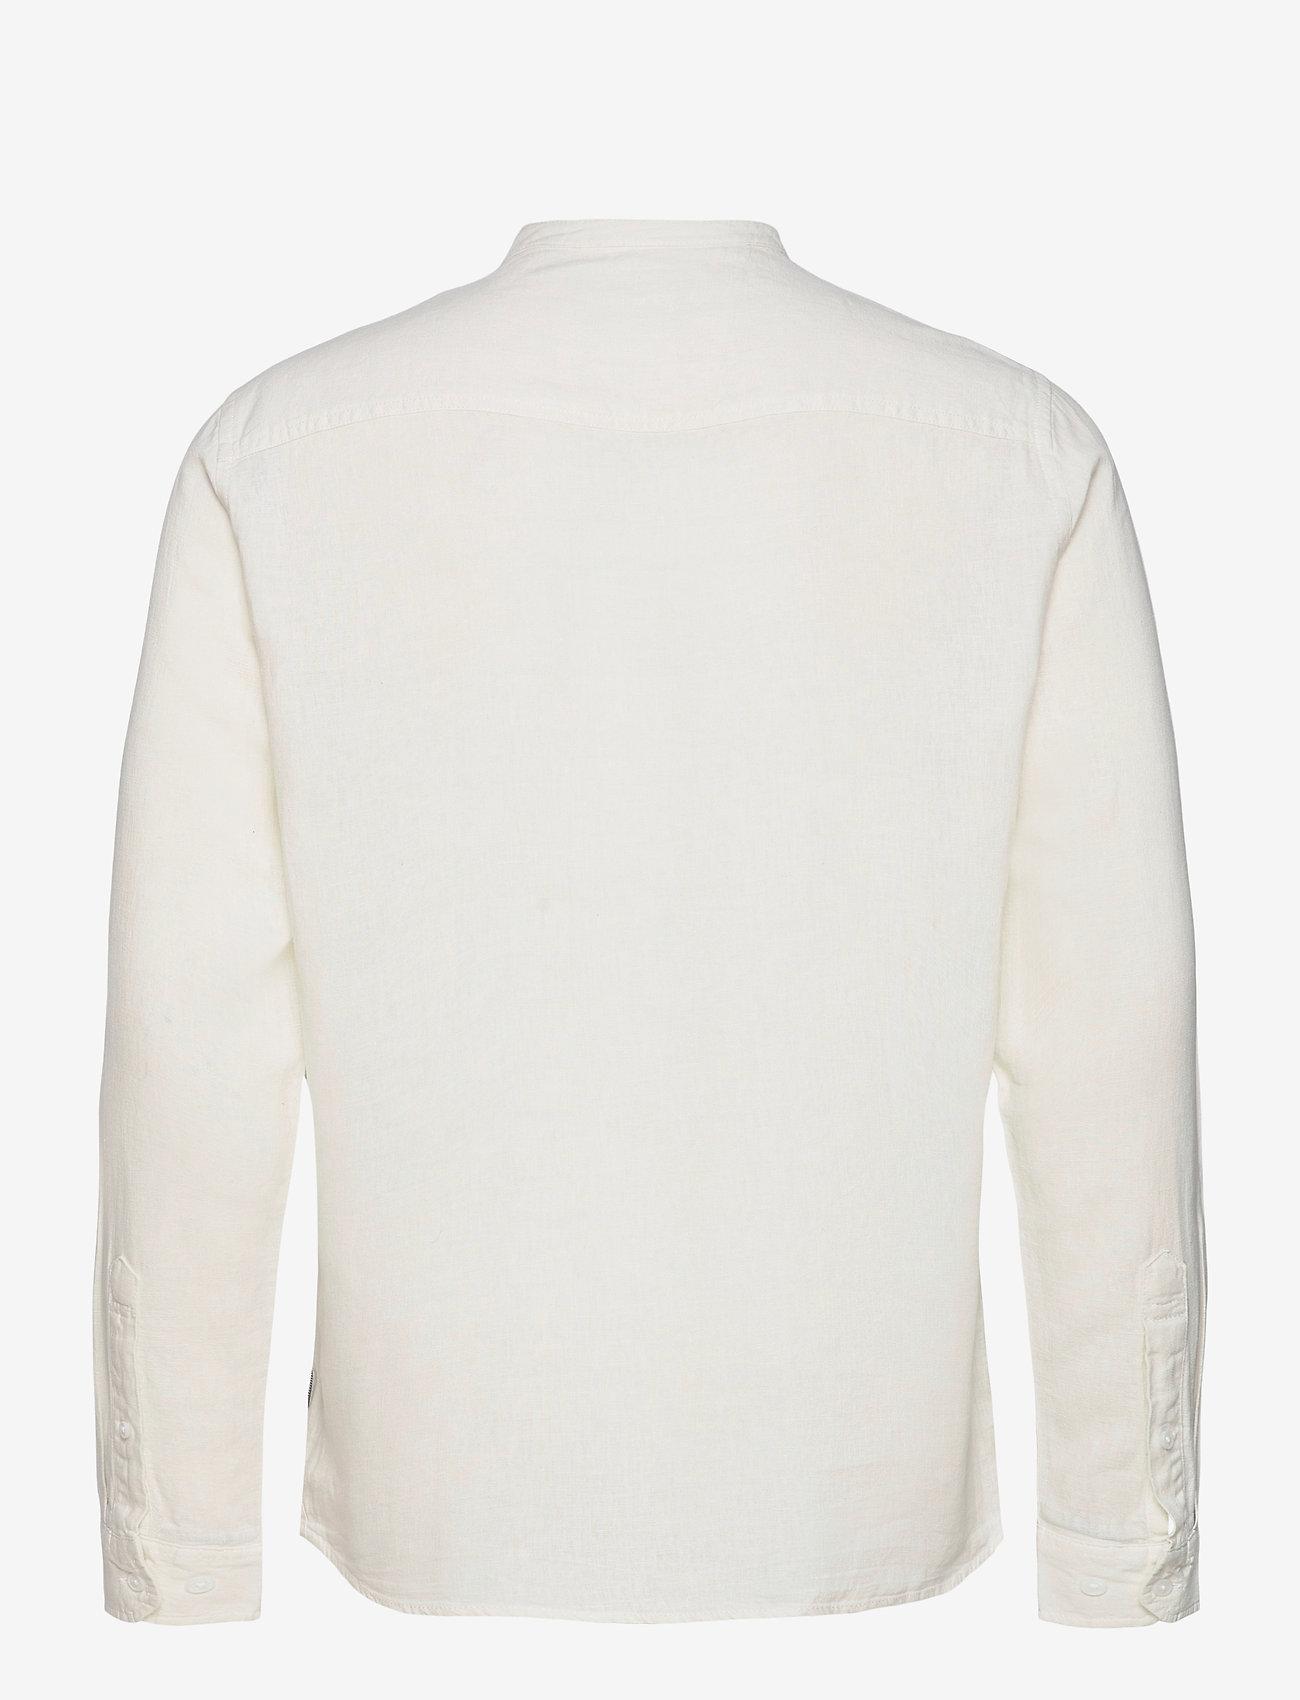 Solid - SDRadnor - koszule w kratkę - white - 1